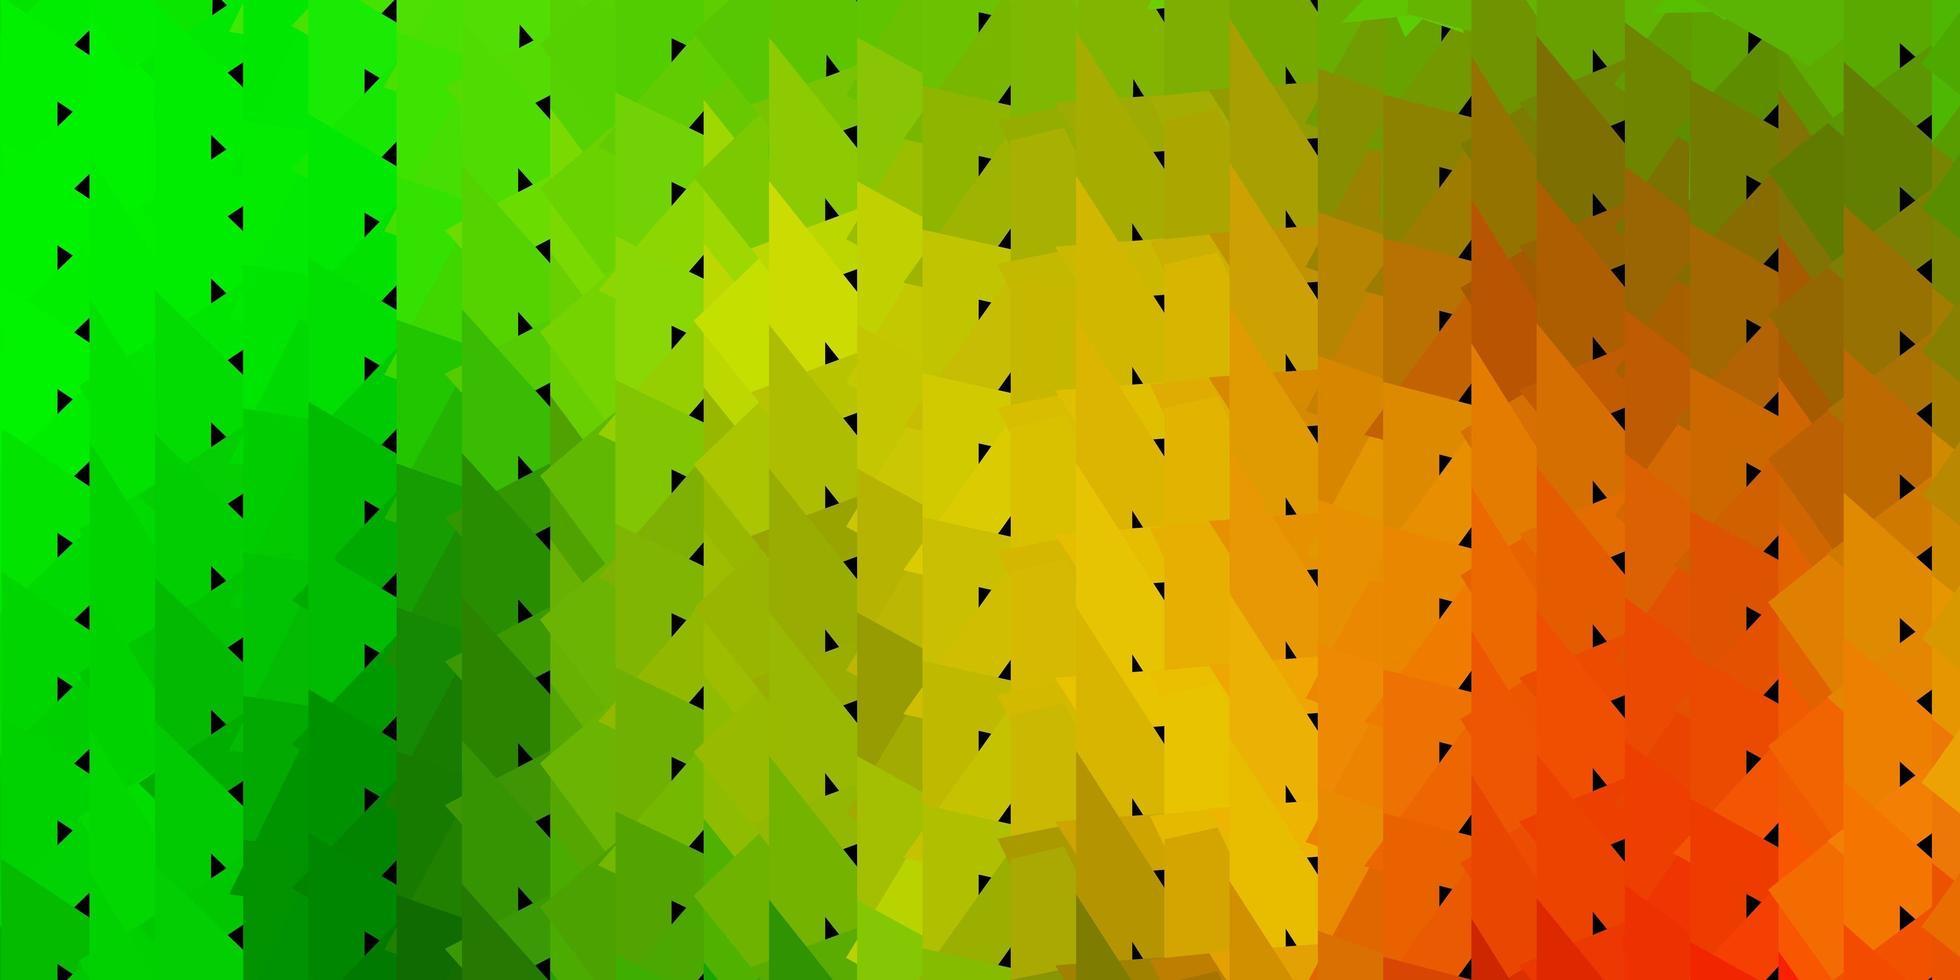 abstrakte Dreiecksbeschaffenheit des dunkelgrünen, gelben Vektors. vektor